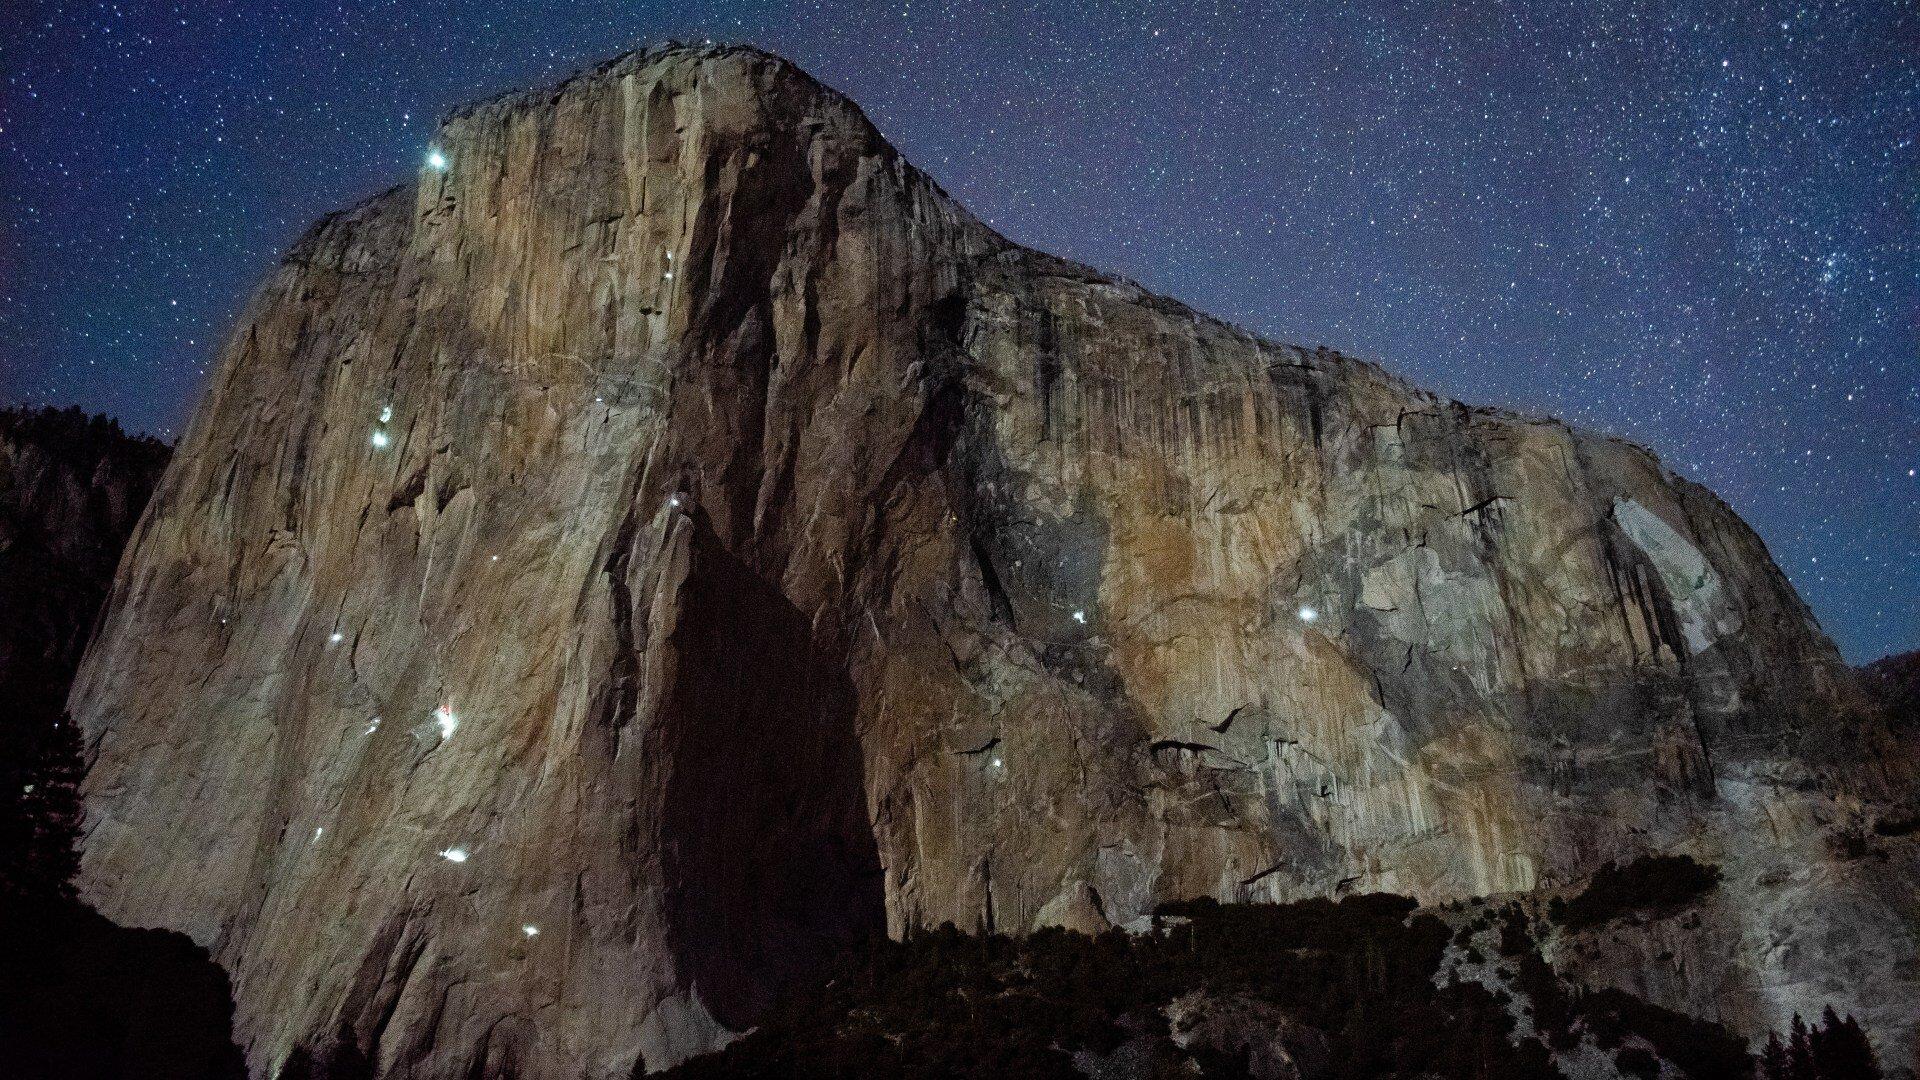 Mike DeNicola - El Capitan at night